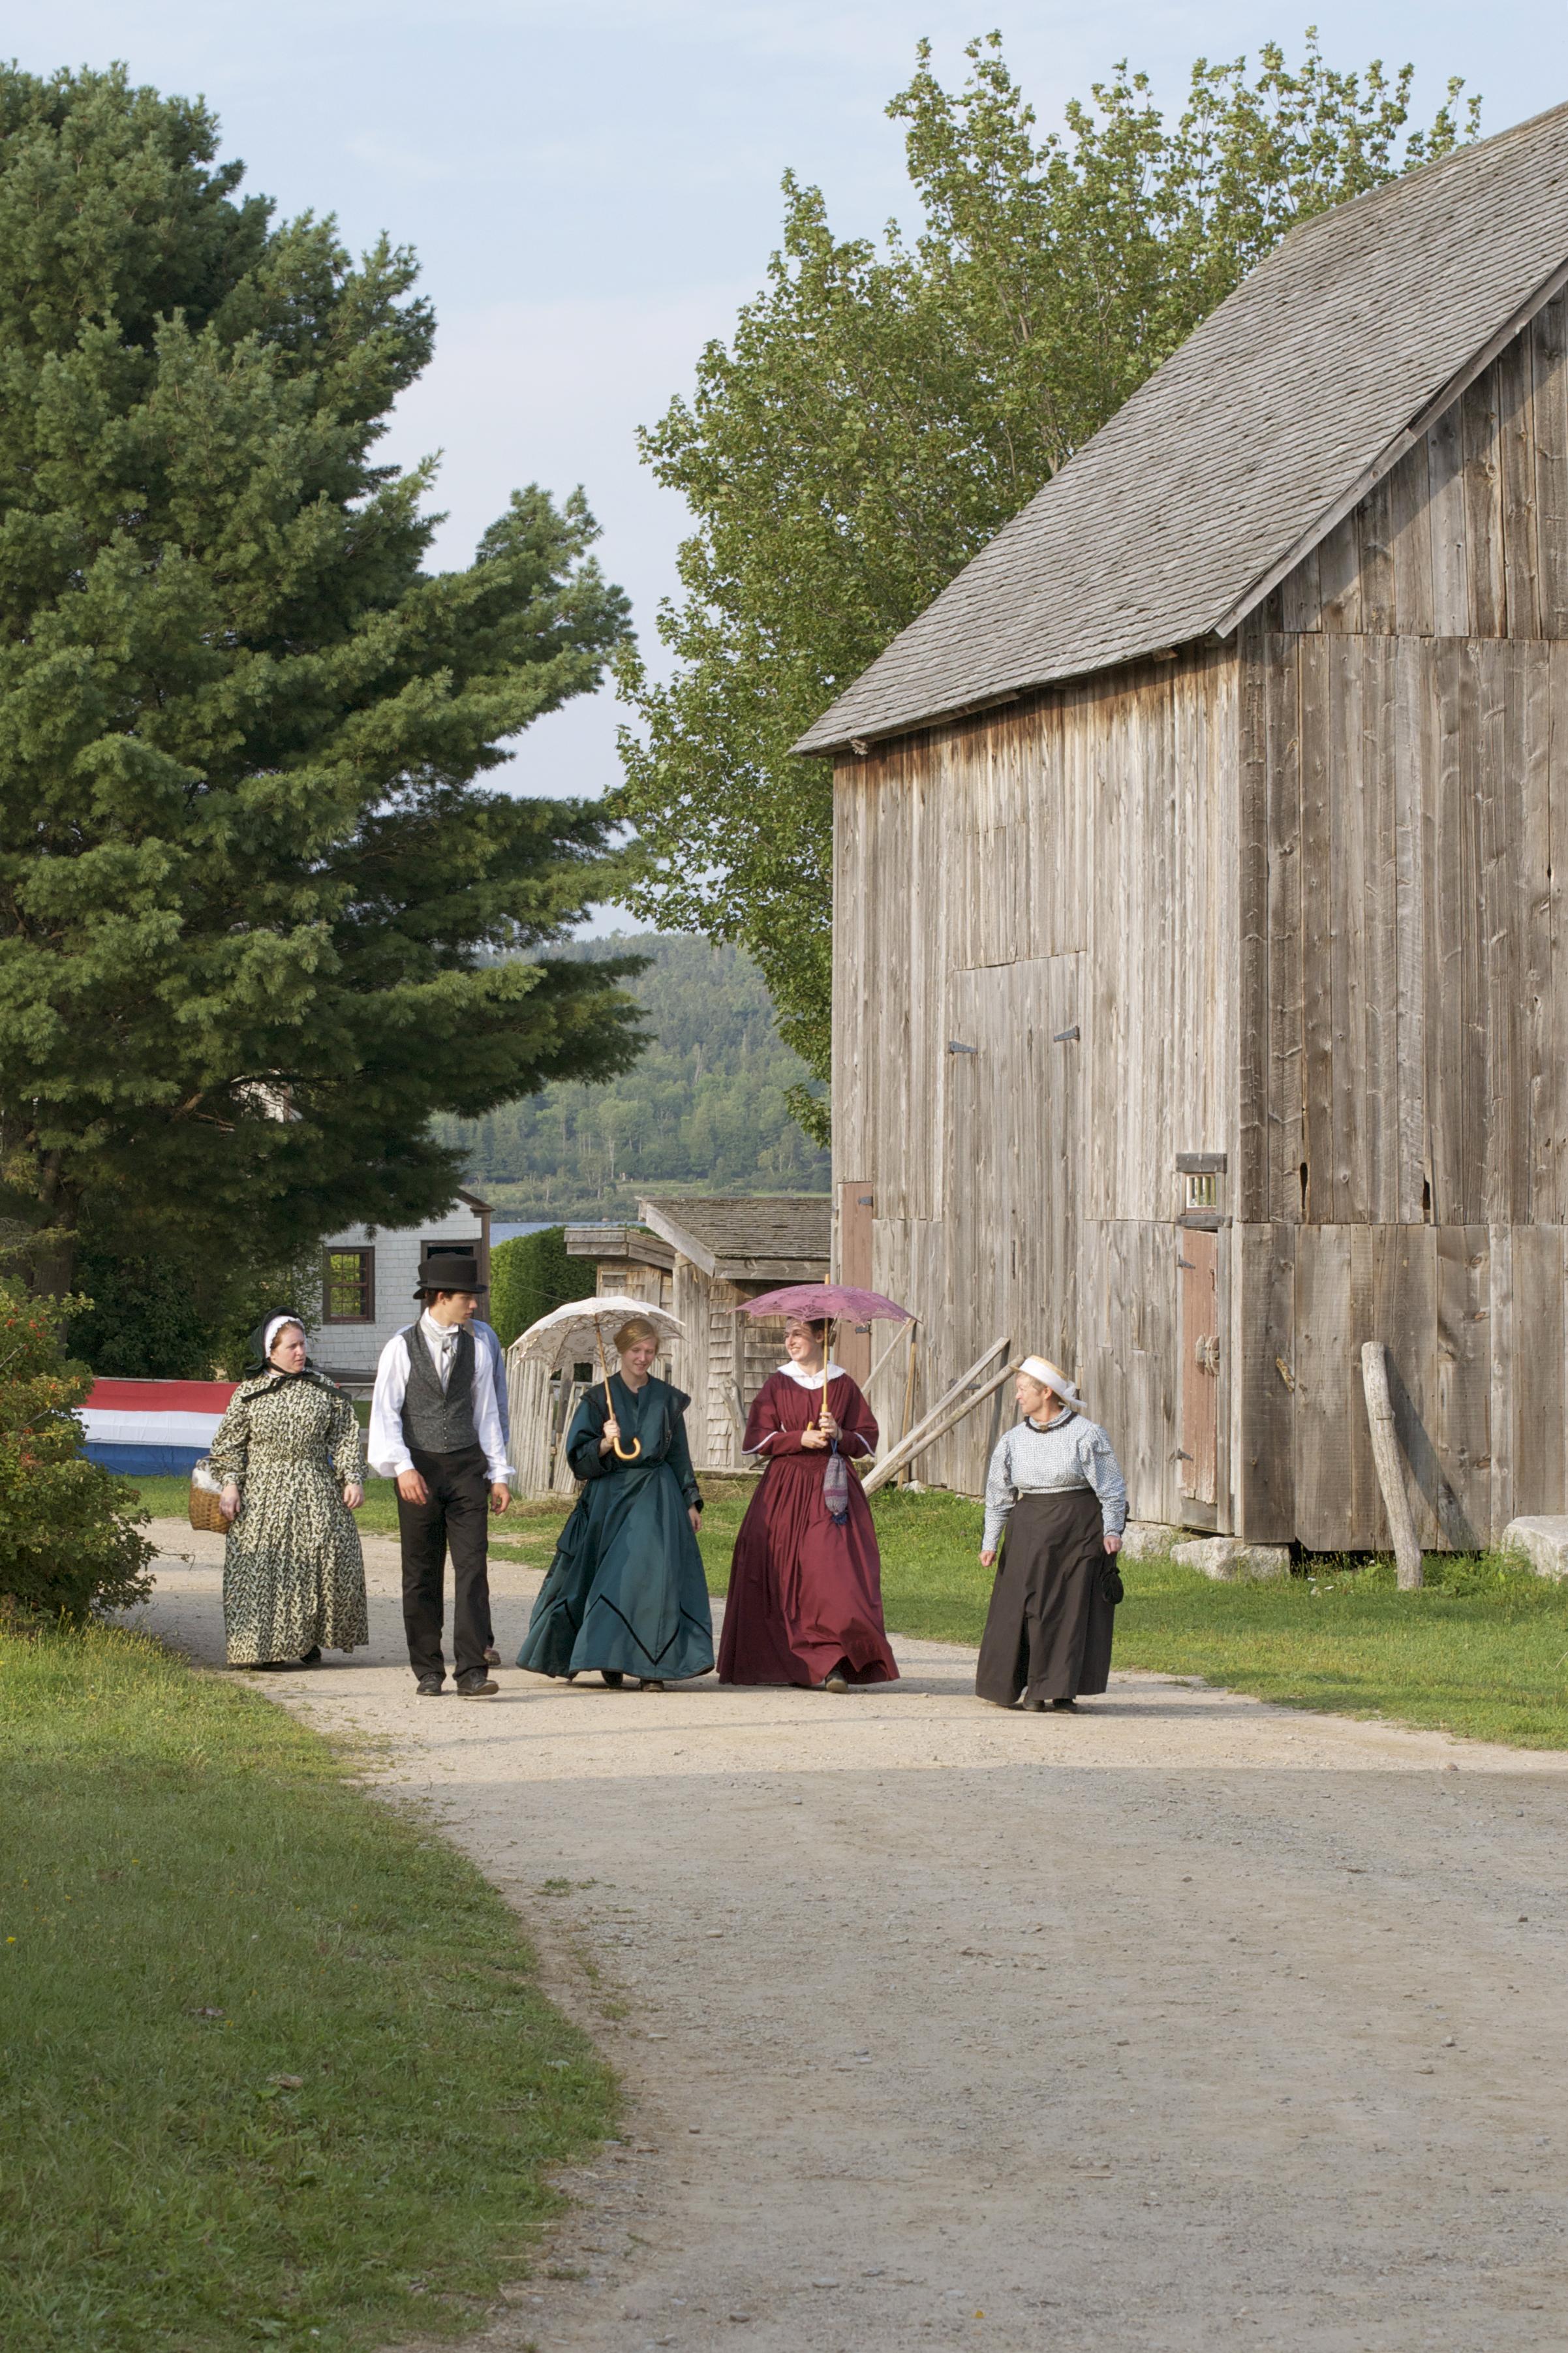 villagers-walking-to-dinner.jpg